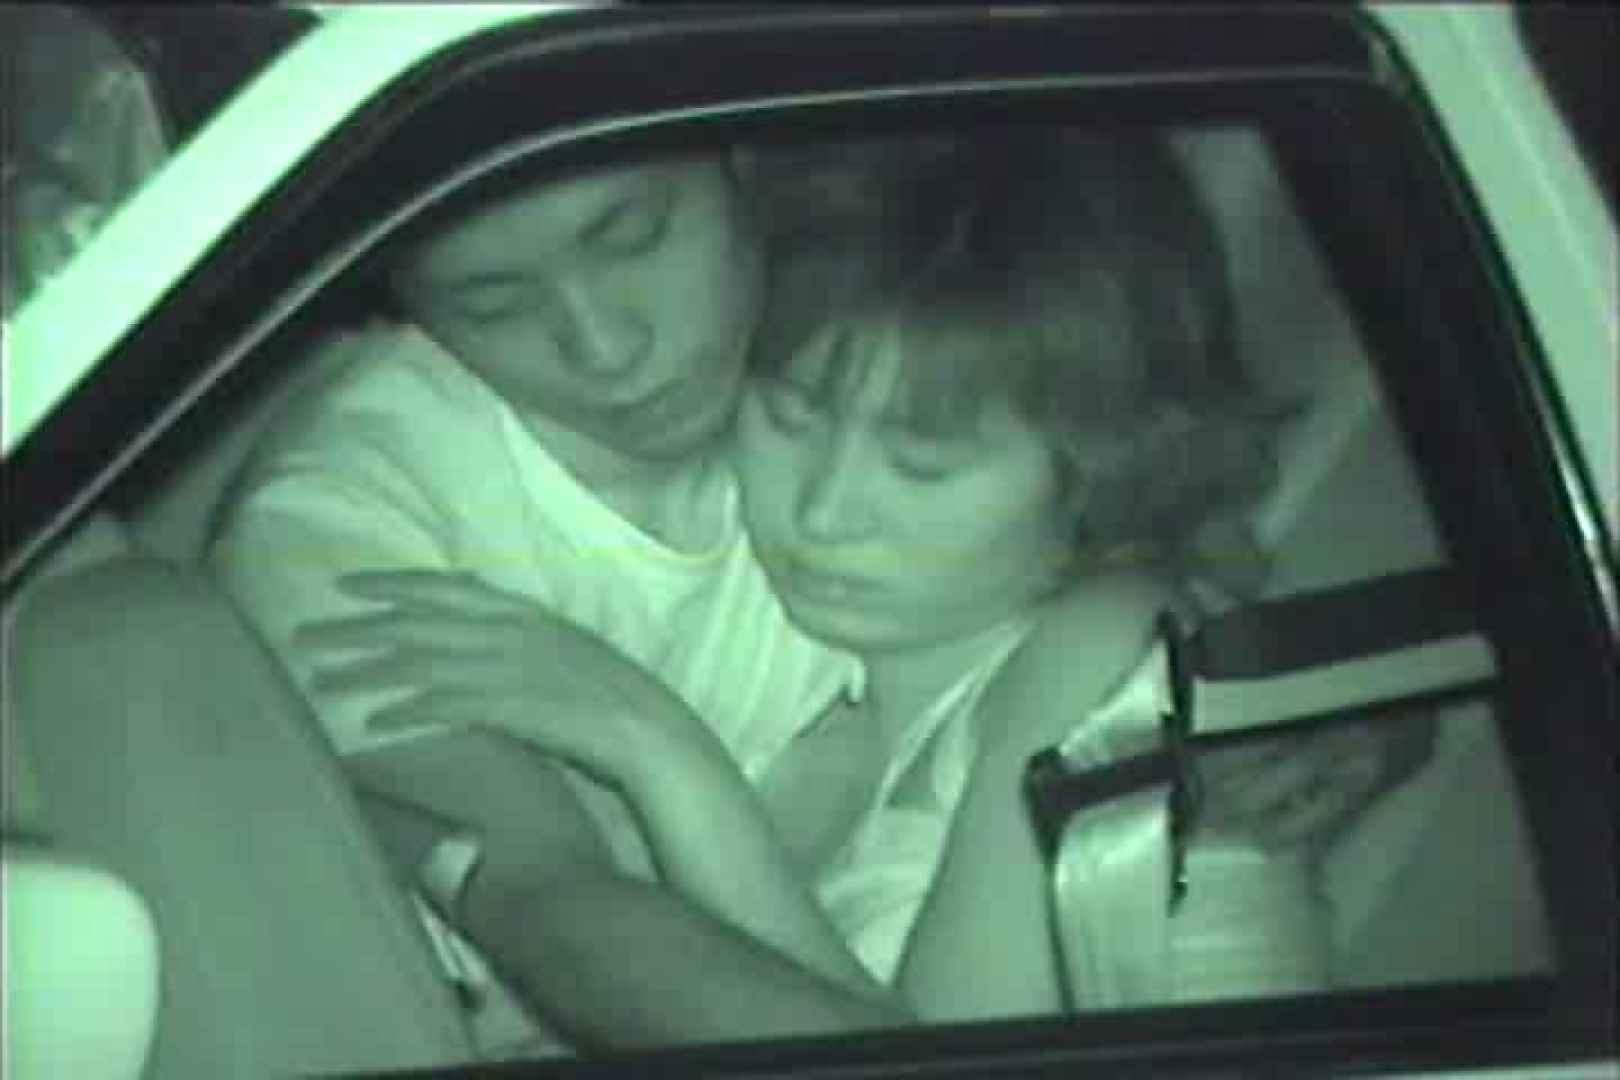 車の中はラブホテル 無修正版  Vol.17 車の中のカップル オマンコ無修正動画無料 97画像 60